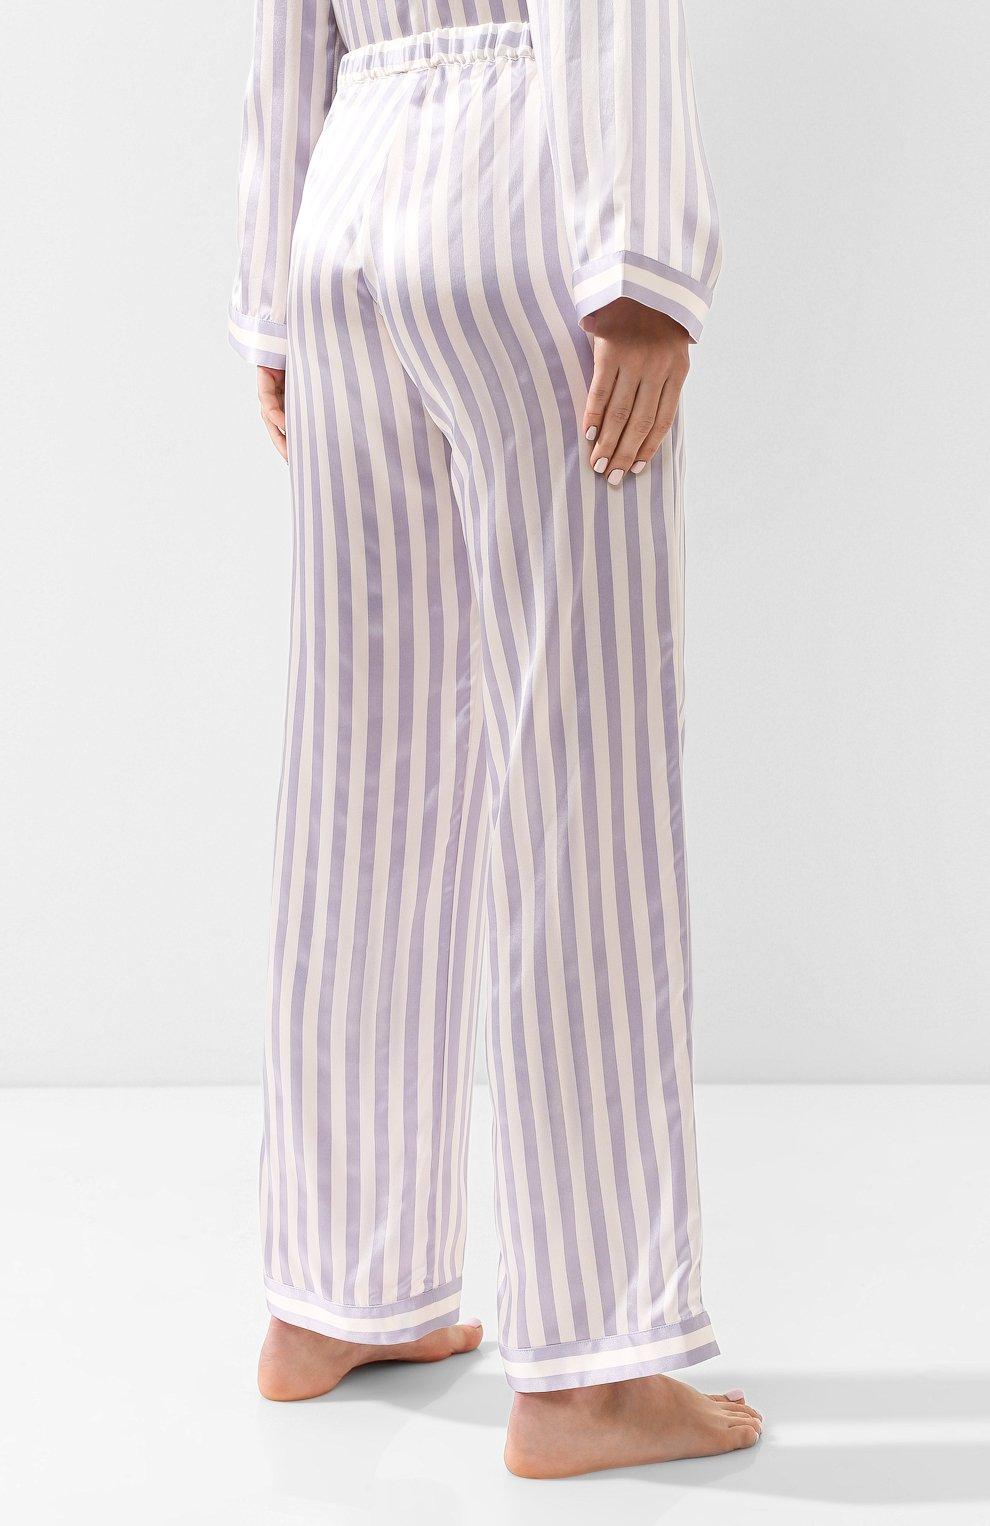 a7b140e1 Женские сиреневые домашние шелковые брюки в полоску MORGAN LANE ...